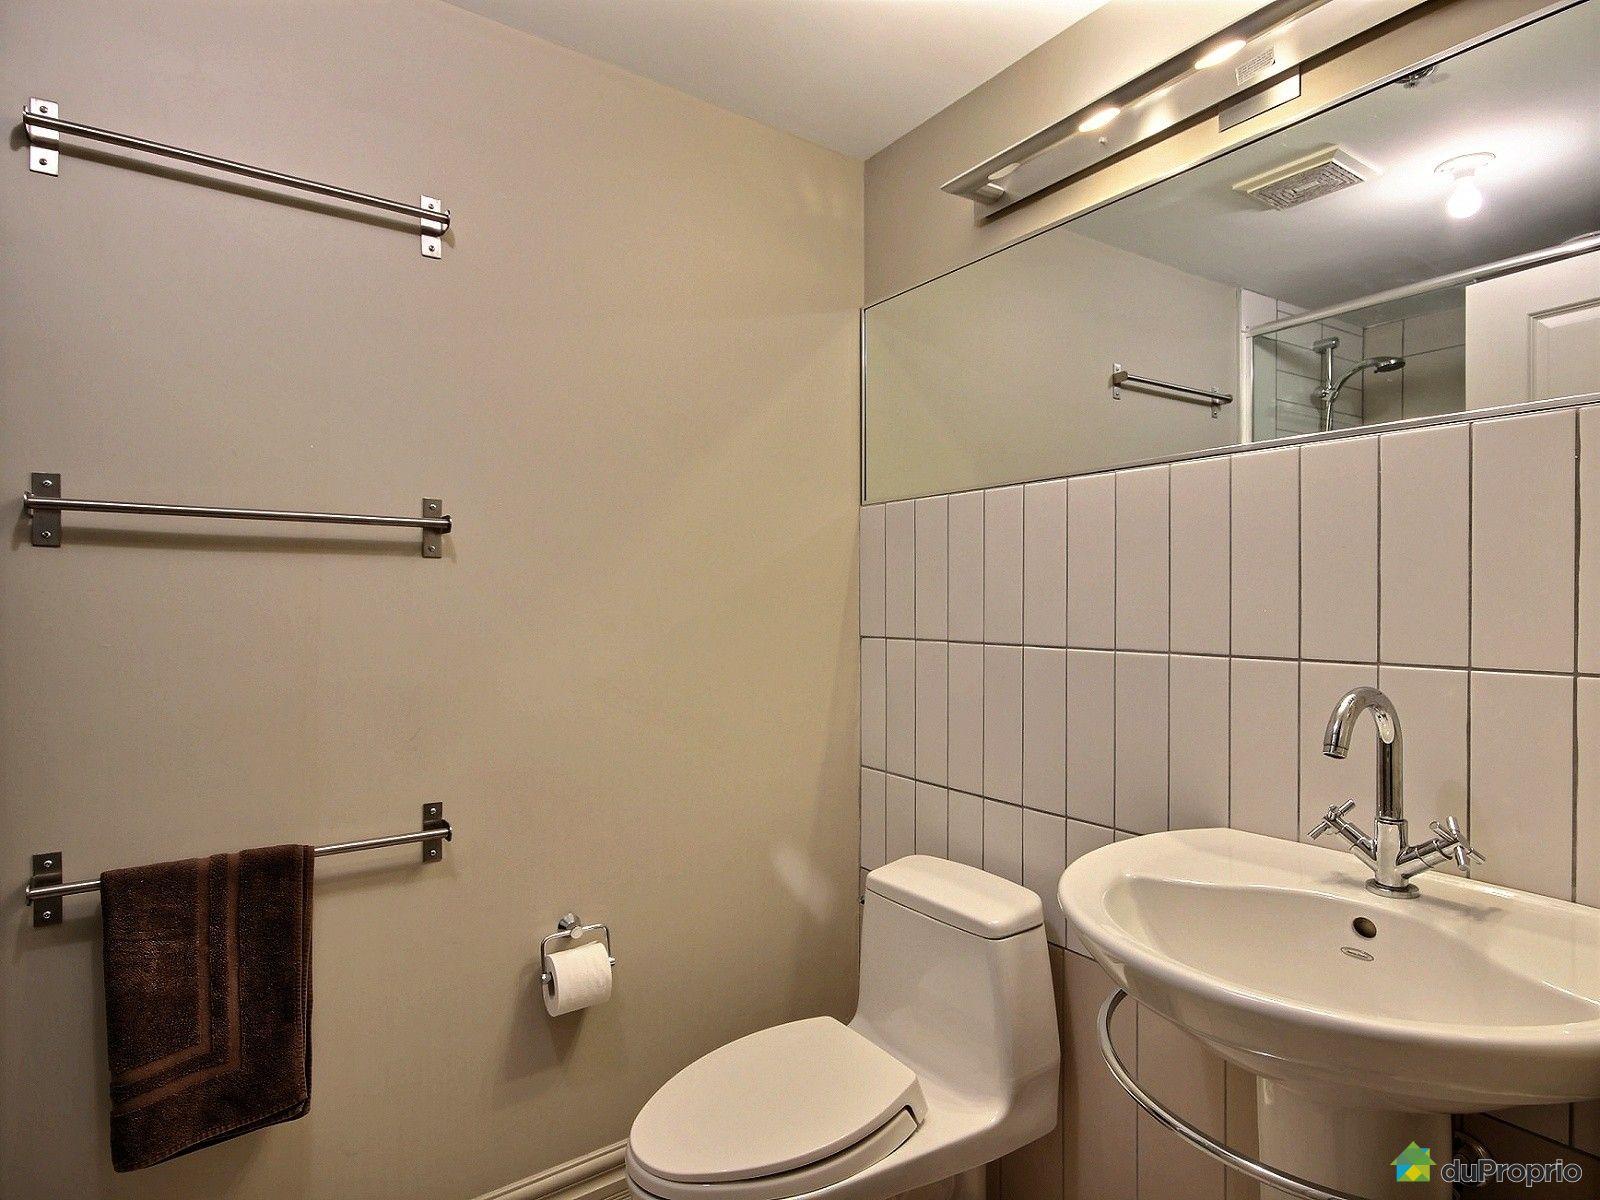 Condo vendu montr al immobilier qu bec duproprio 593211 for Accessoire salle de bain ville de quebec